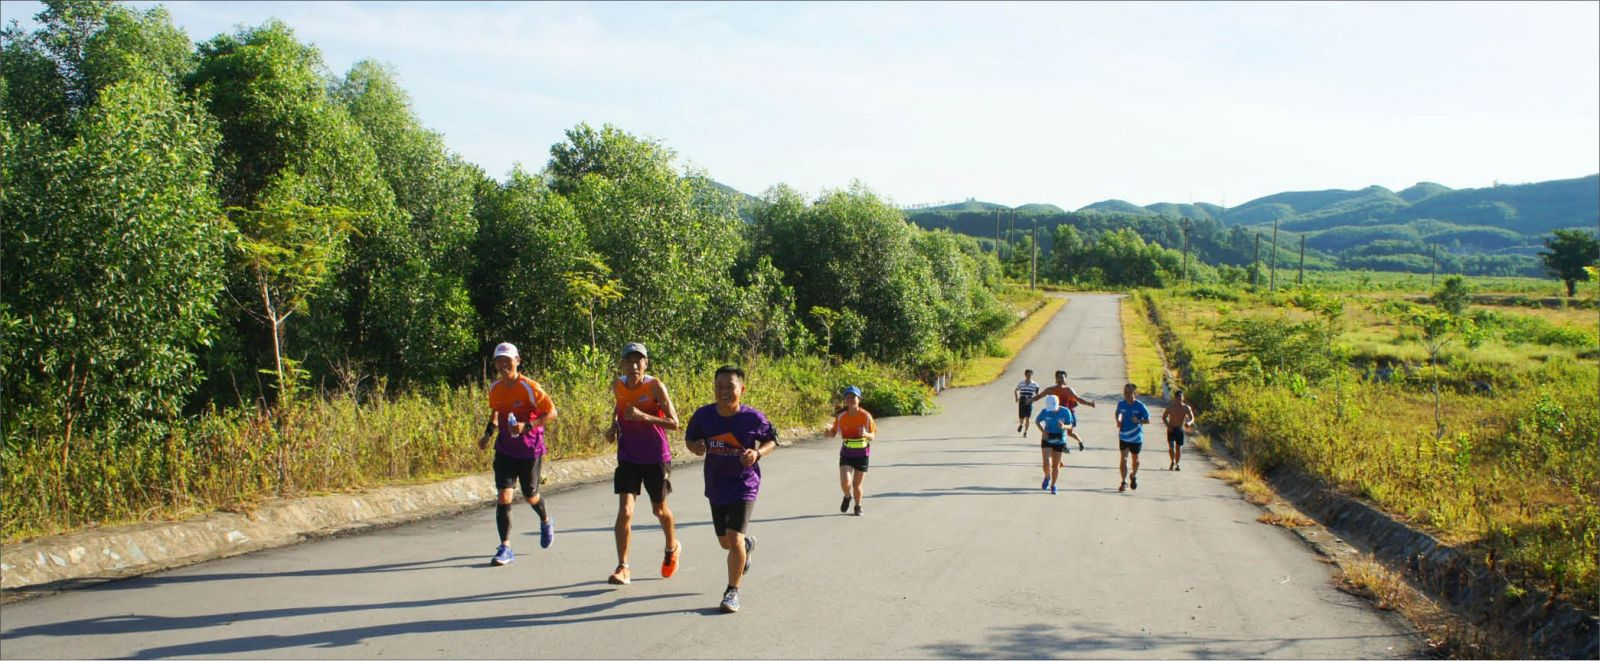 Hình ảnh quê hương chạy bộ trên đường quê